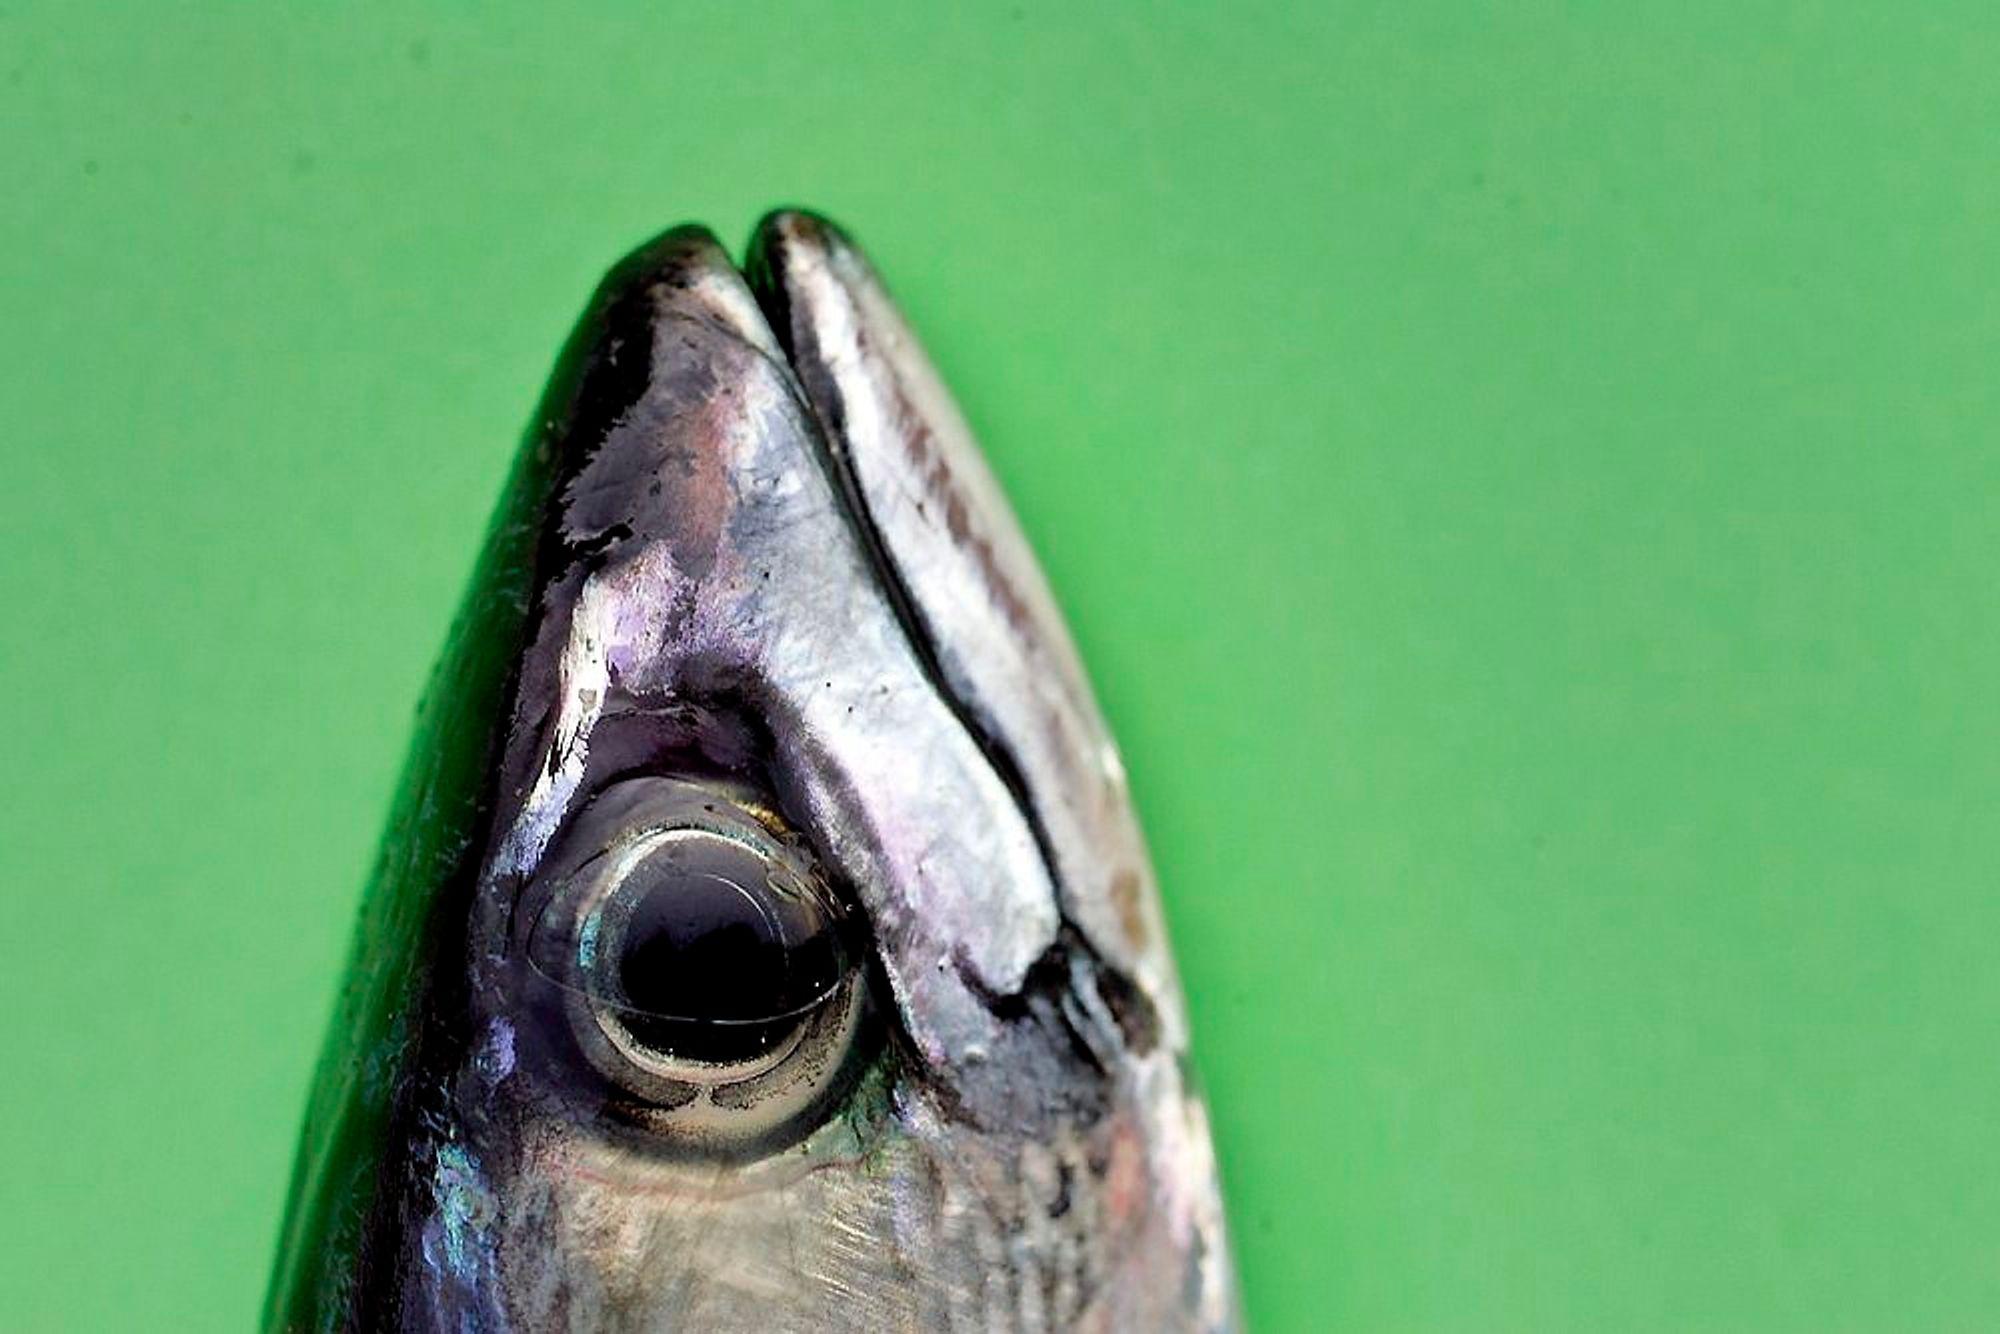 Statoil tar hensyn til fiskerne som dorger etter makrell, og innstiller seismikkaktiviteten på Kvitebjørnfeltet i Nordsjøen.